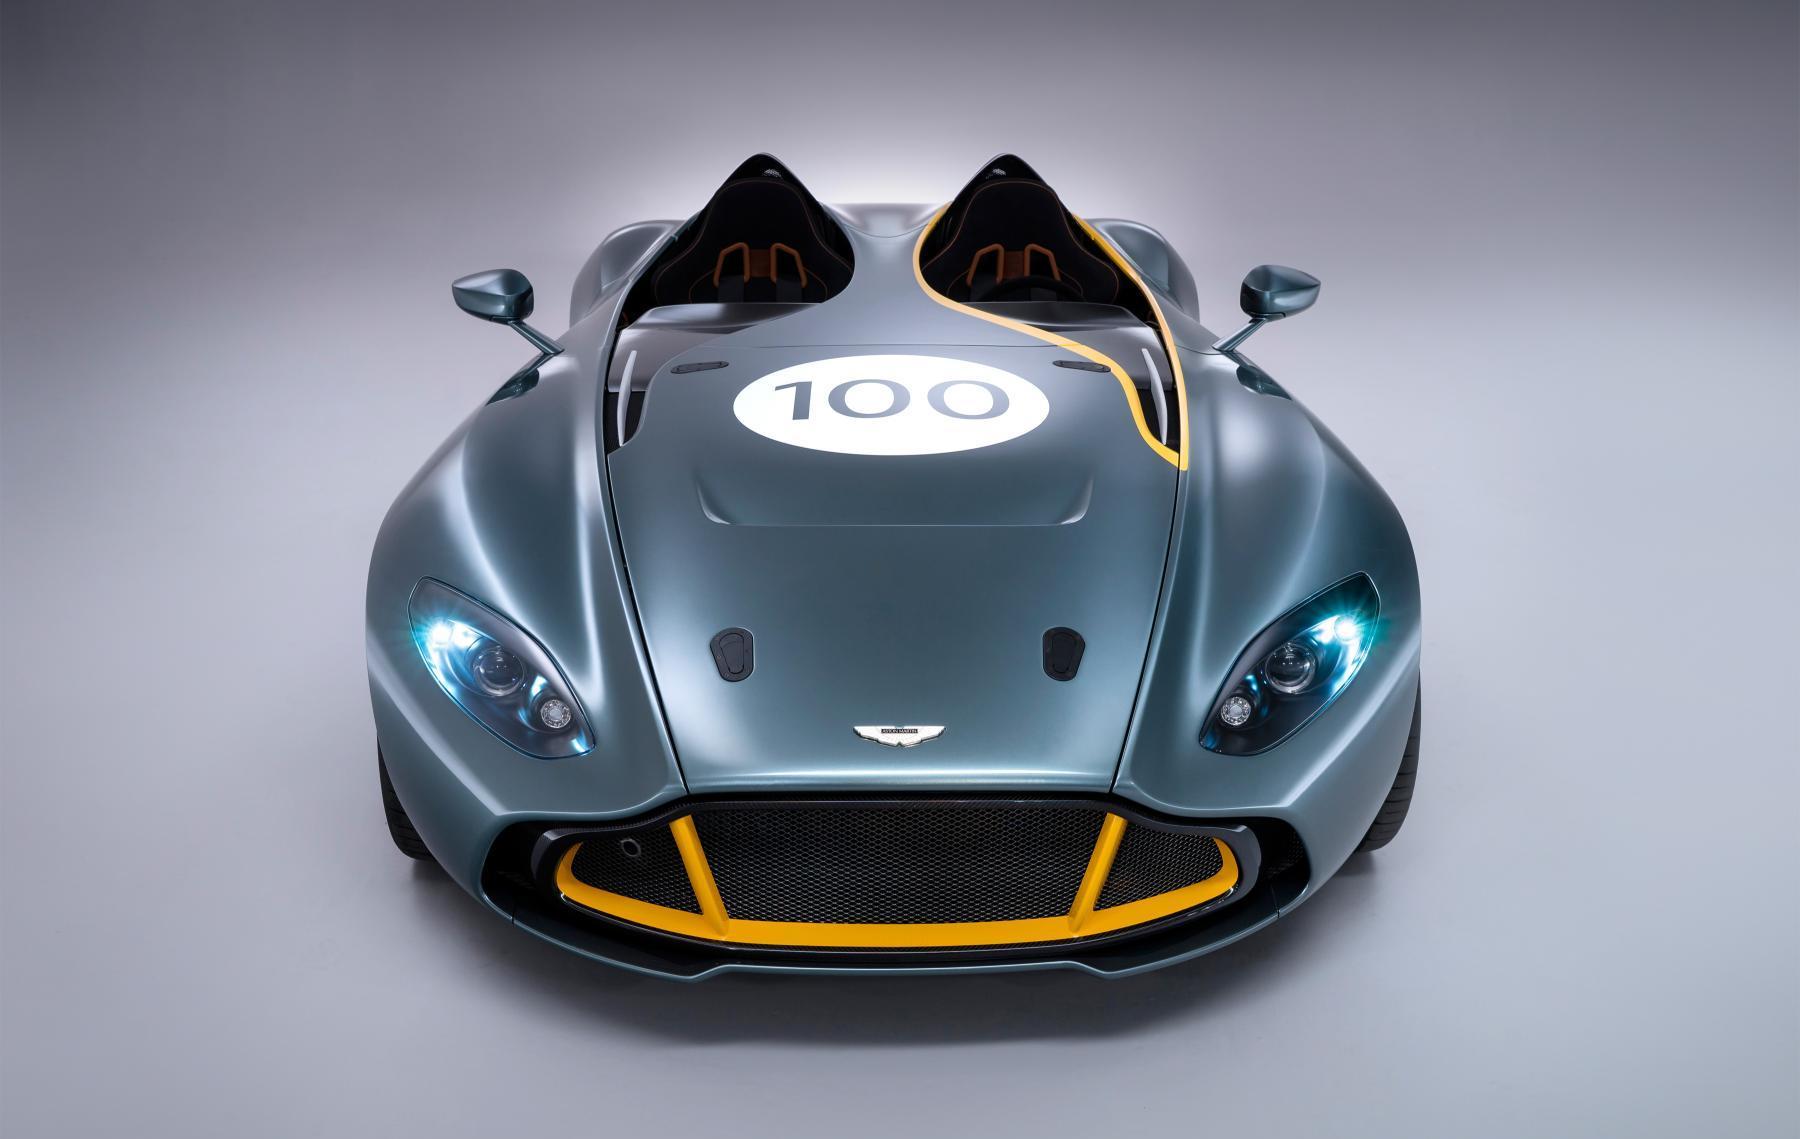 Aston Martin CC100 Front 2